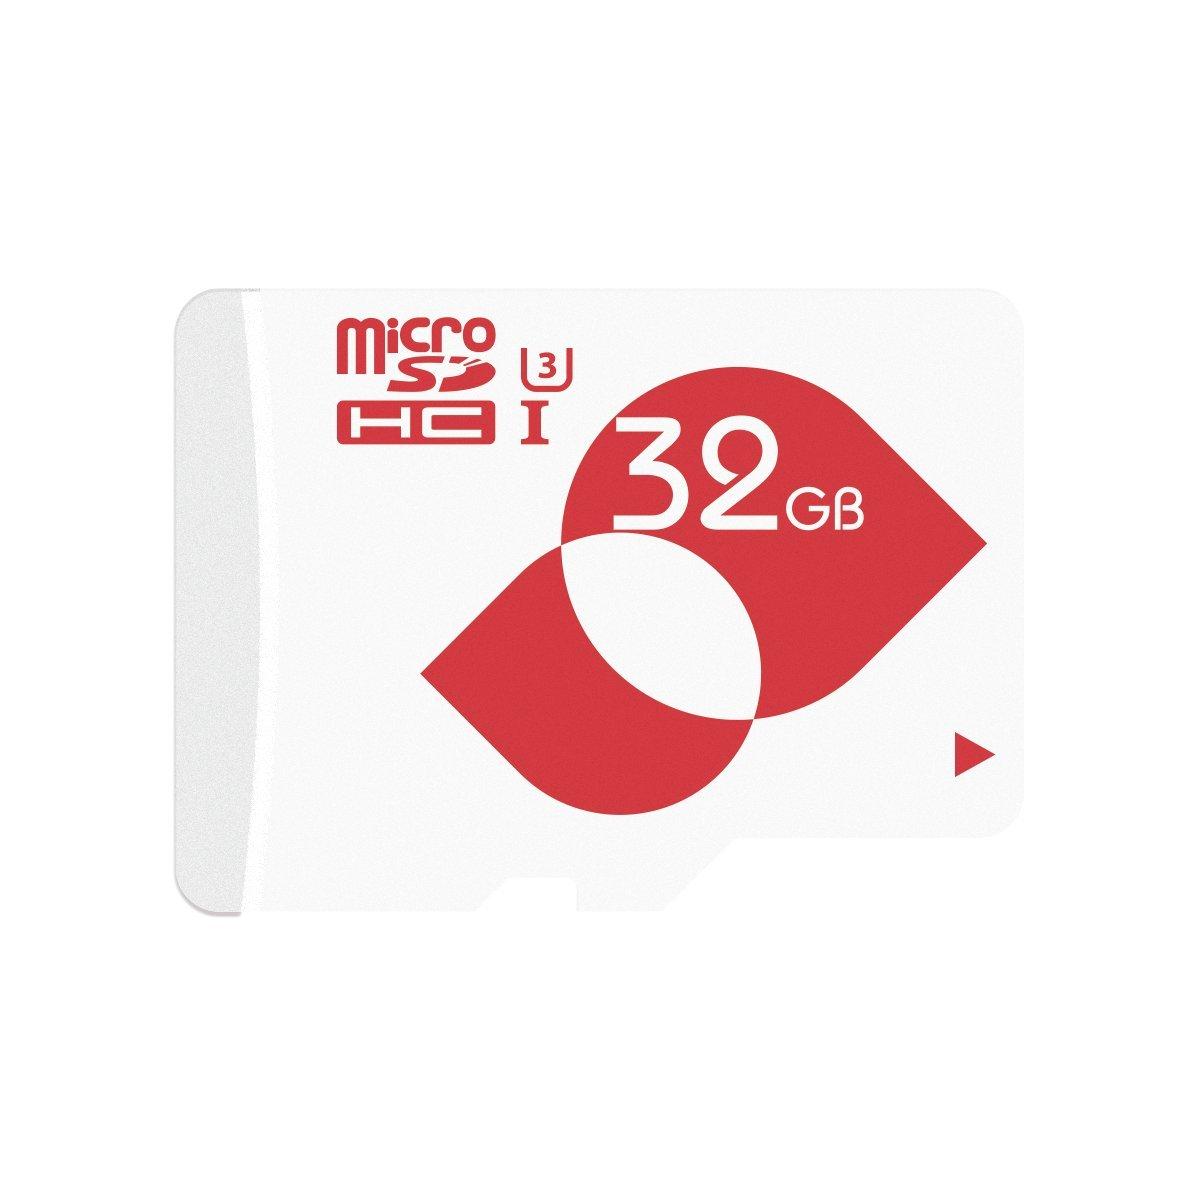 TALLA 32GB U3. MENGMI Tarjeta Micro SD Tarjeta de Memoria 32GB Class 10 U3 Micro SDHC 32GB con Adaptador SD para Captura de Video 4K en Drones Garantía de 10 años (32GB U3)